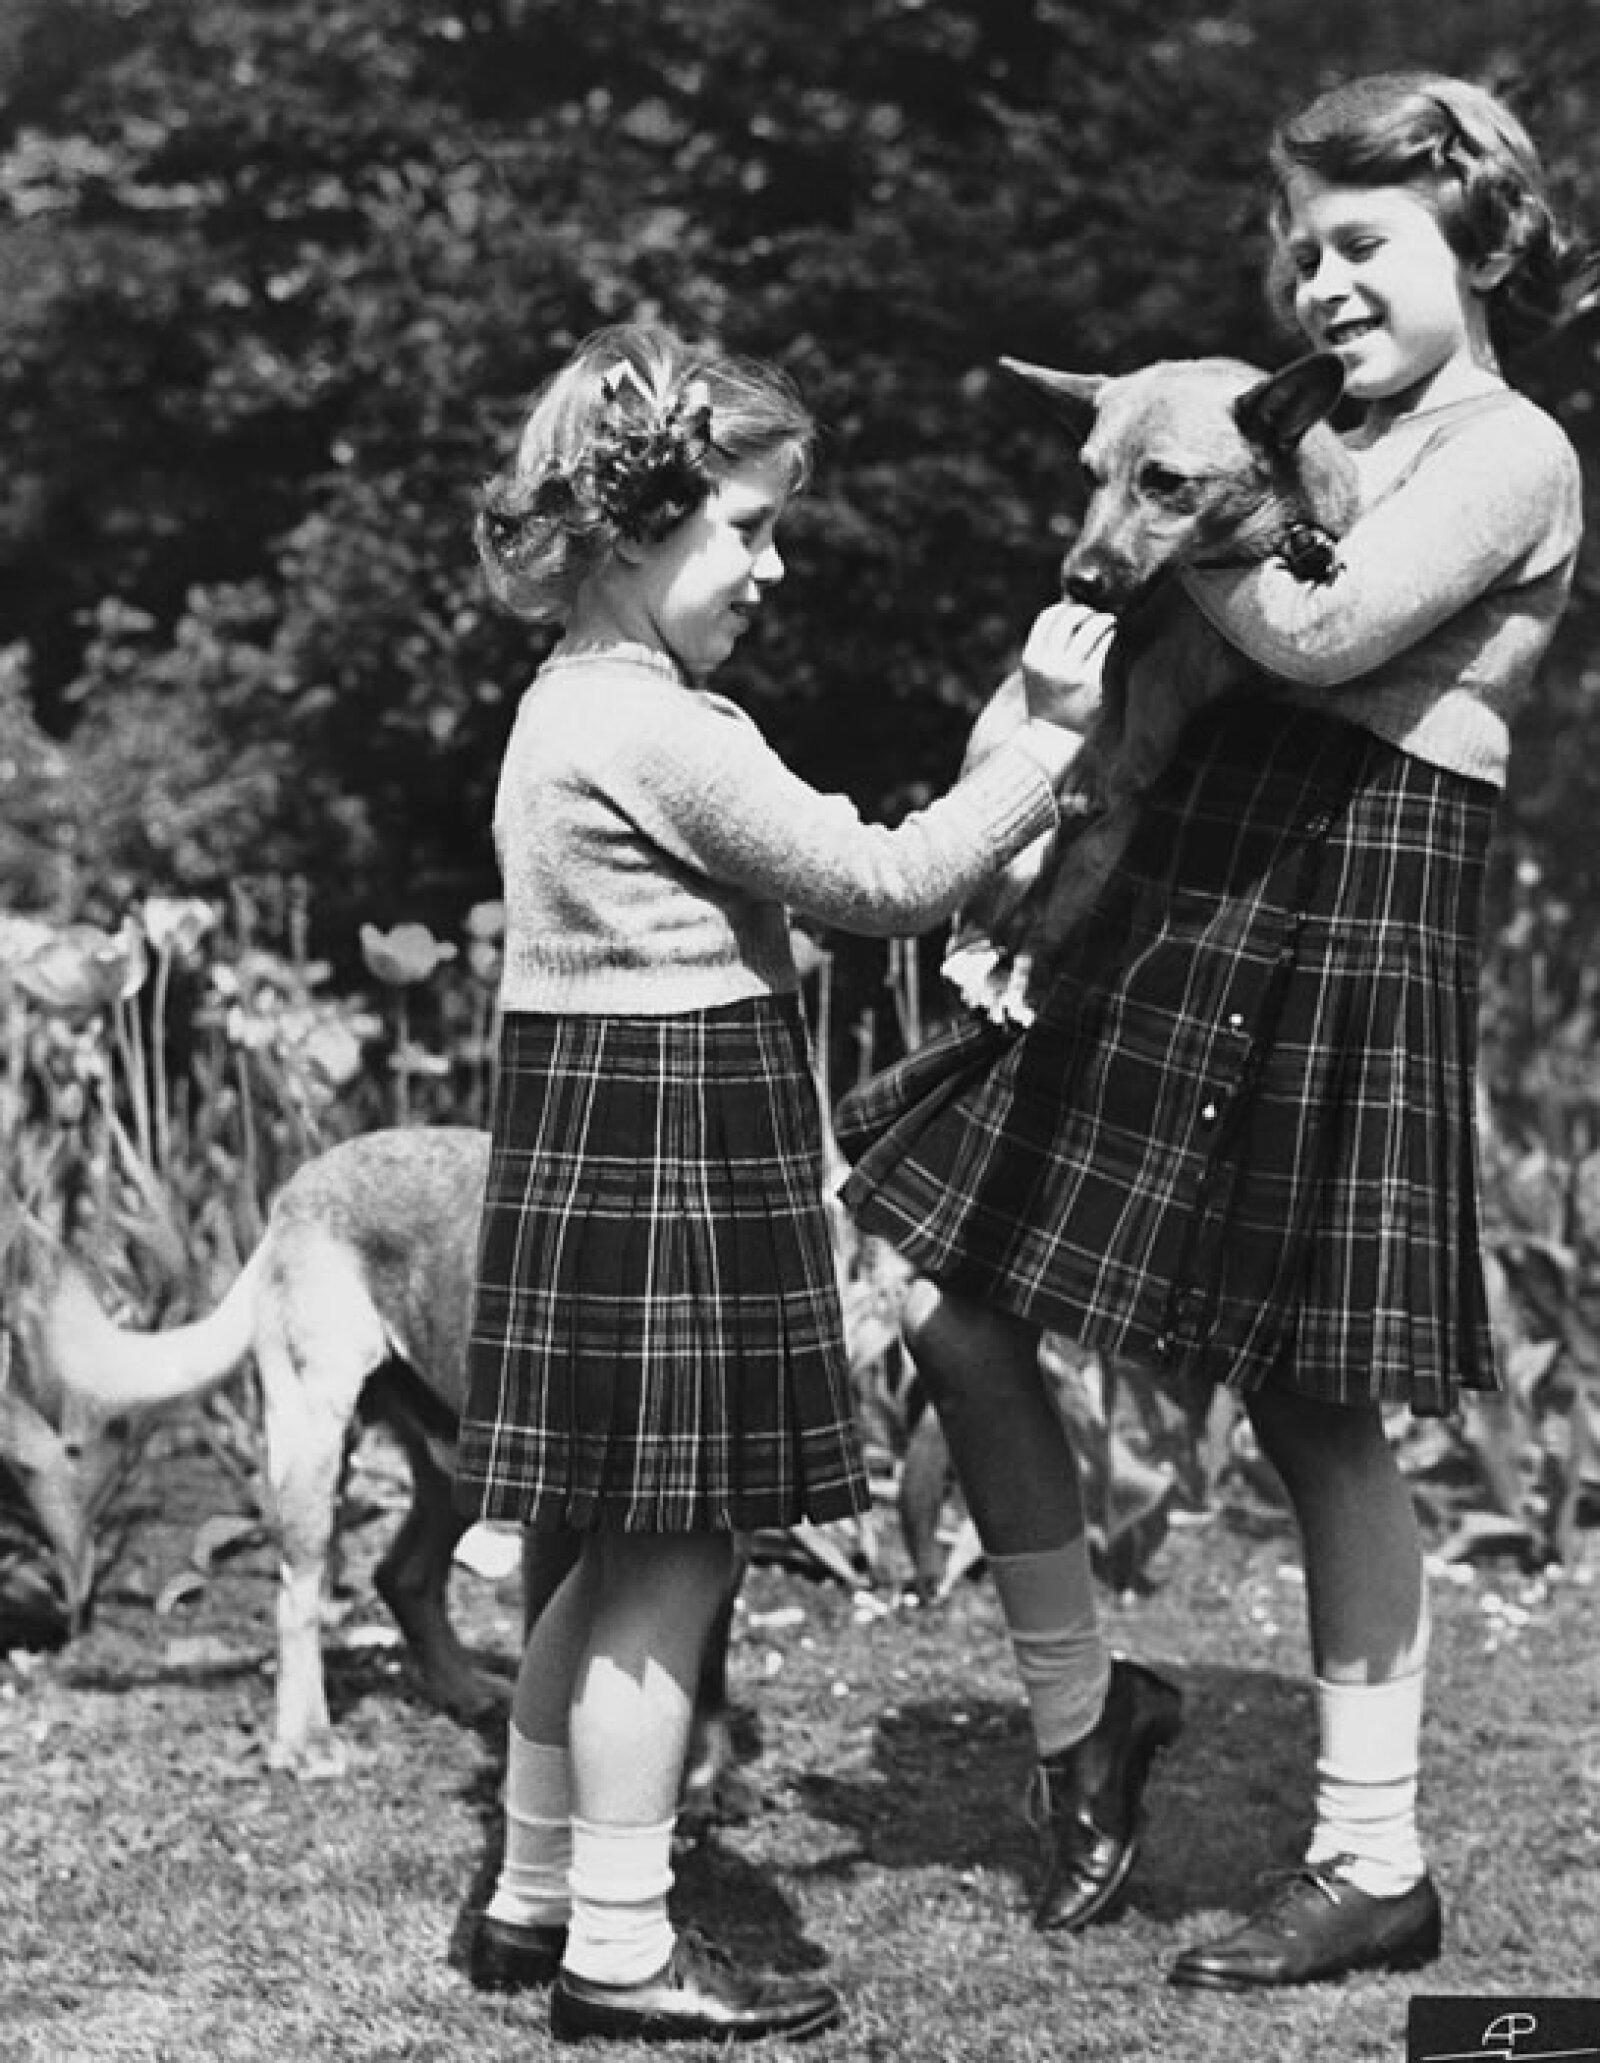 La afición por los Corgis nació desde pequeña. Aquí con su hermana Margaret.